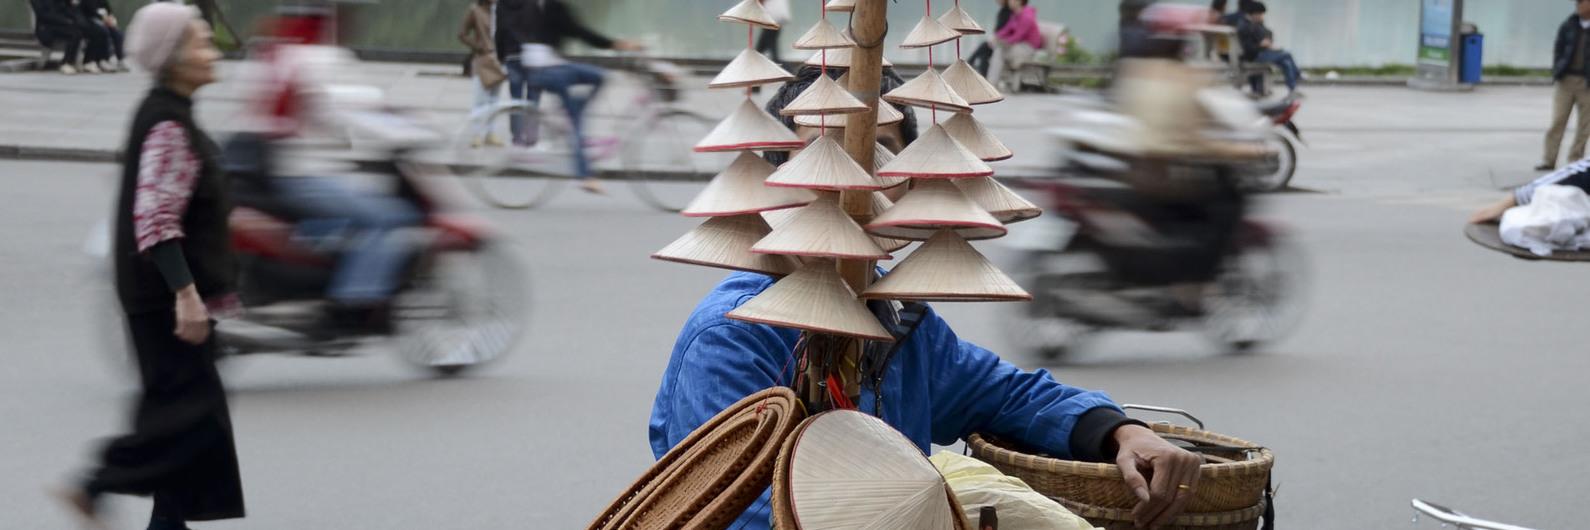 Vietname: o apocalipse de atravessar a estrada